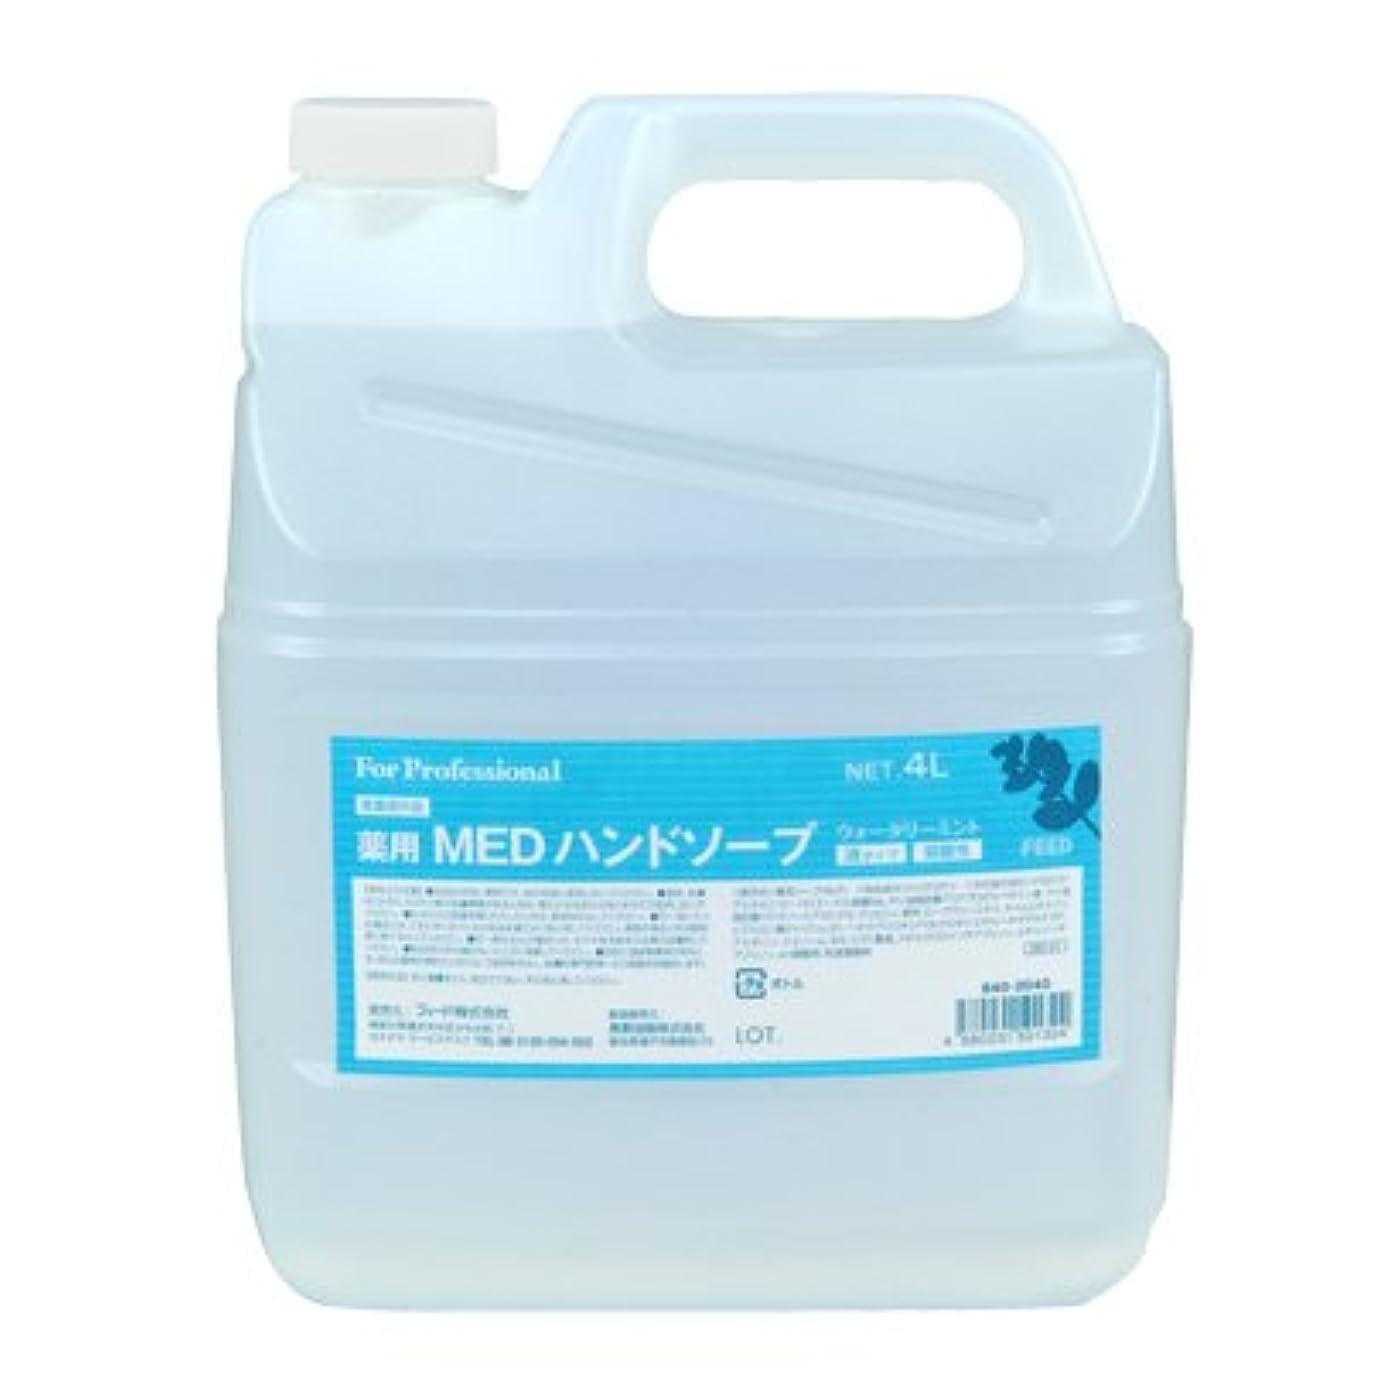 定説考える再生的【業務用】 FEED(フィード) 薬用 MEDハンドソープ 液タイプ/4L詰替用 ハンドソープ(液タイプ) 入数 1本